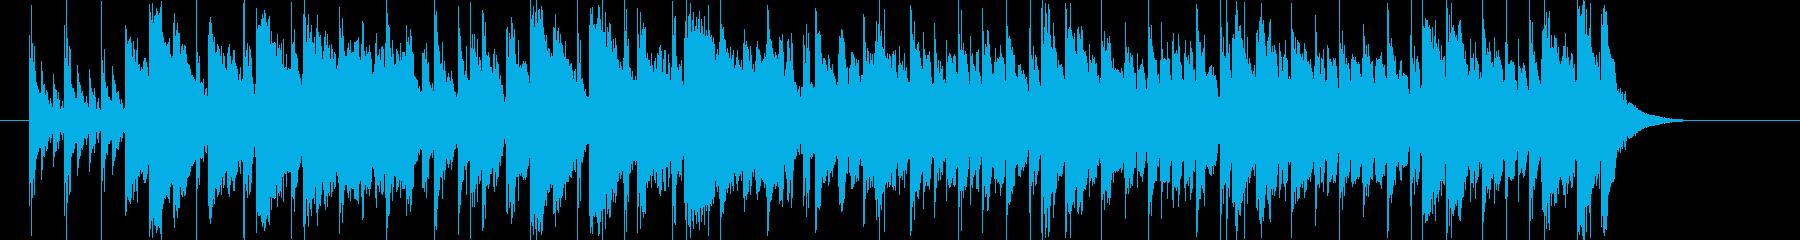 ストリングスによる明るいマーチの再生済みの波形